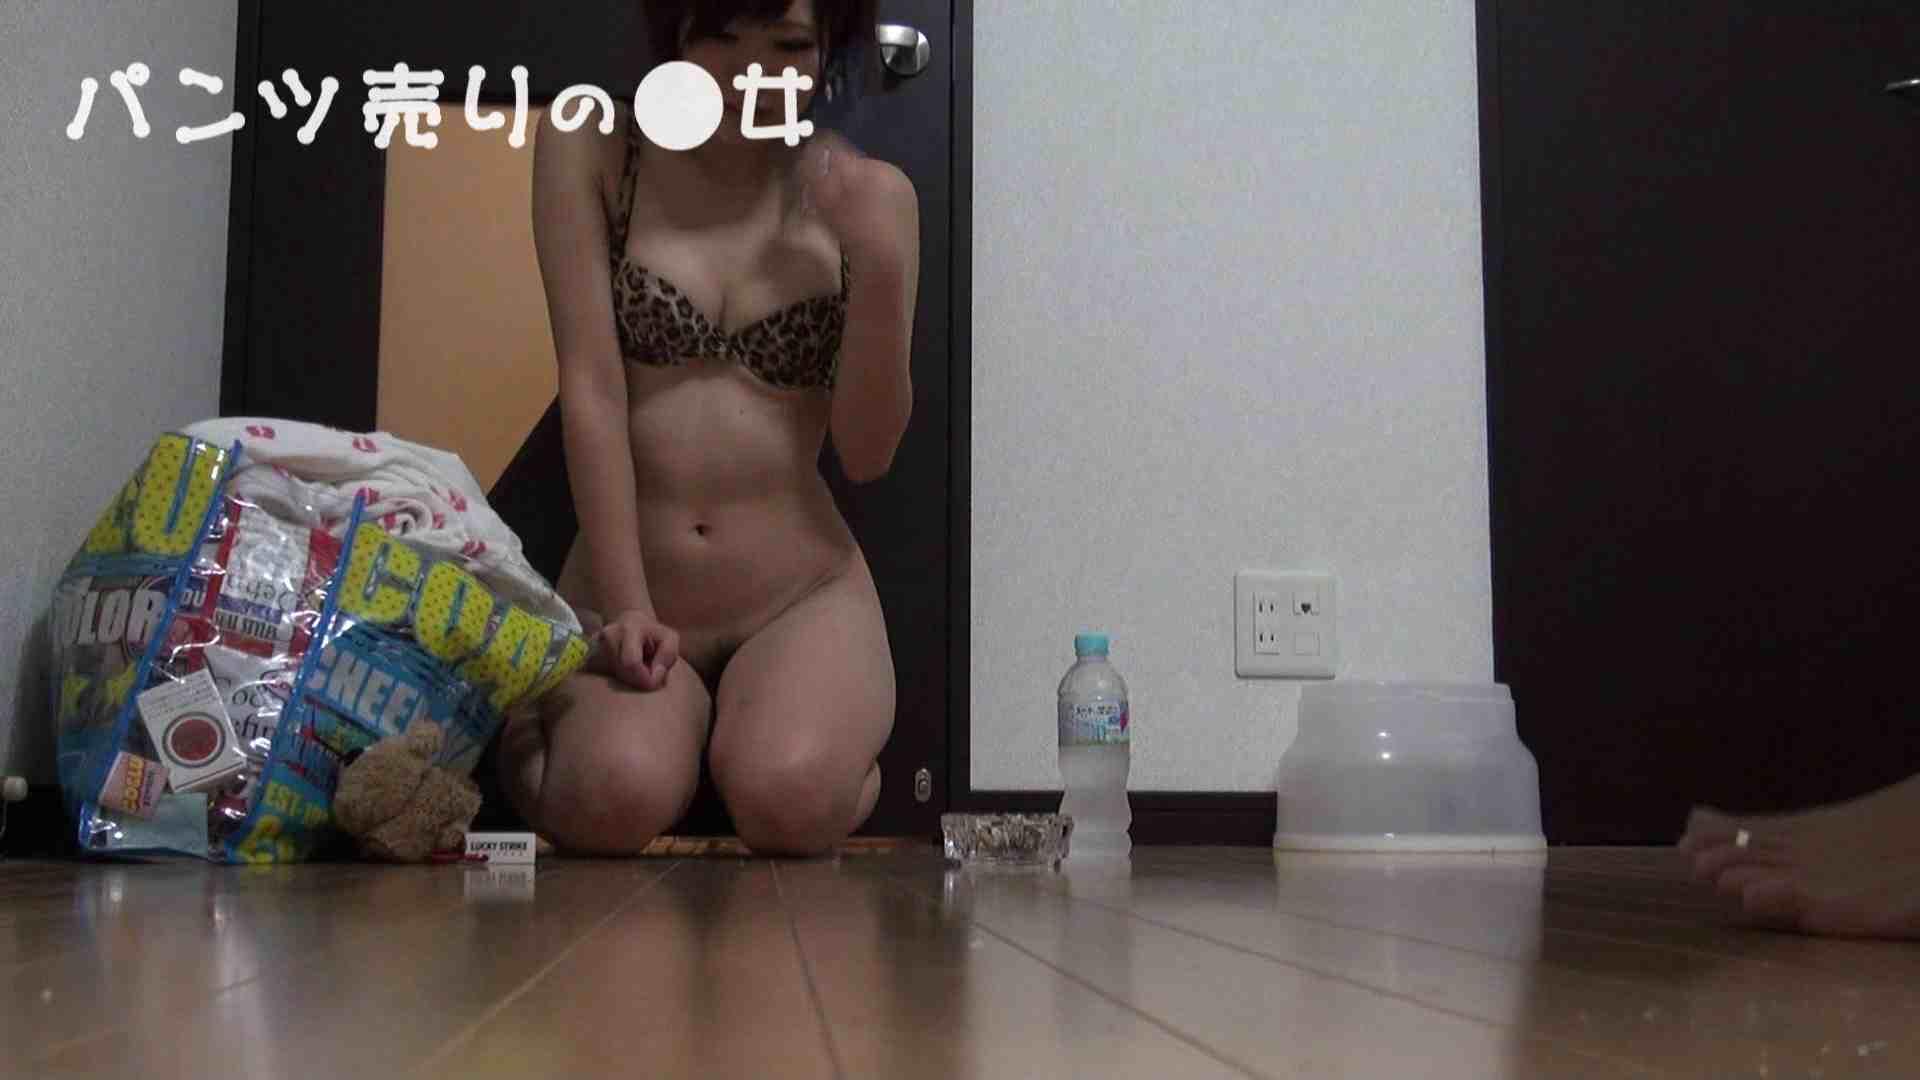 新説 パンツ売りの女の子nana02 盗撮 覗きおまんこ画像 103PIX 18